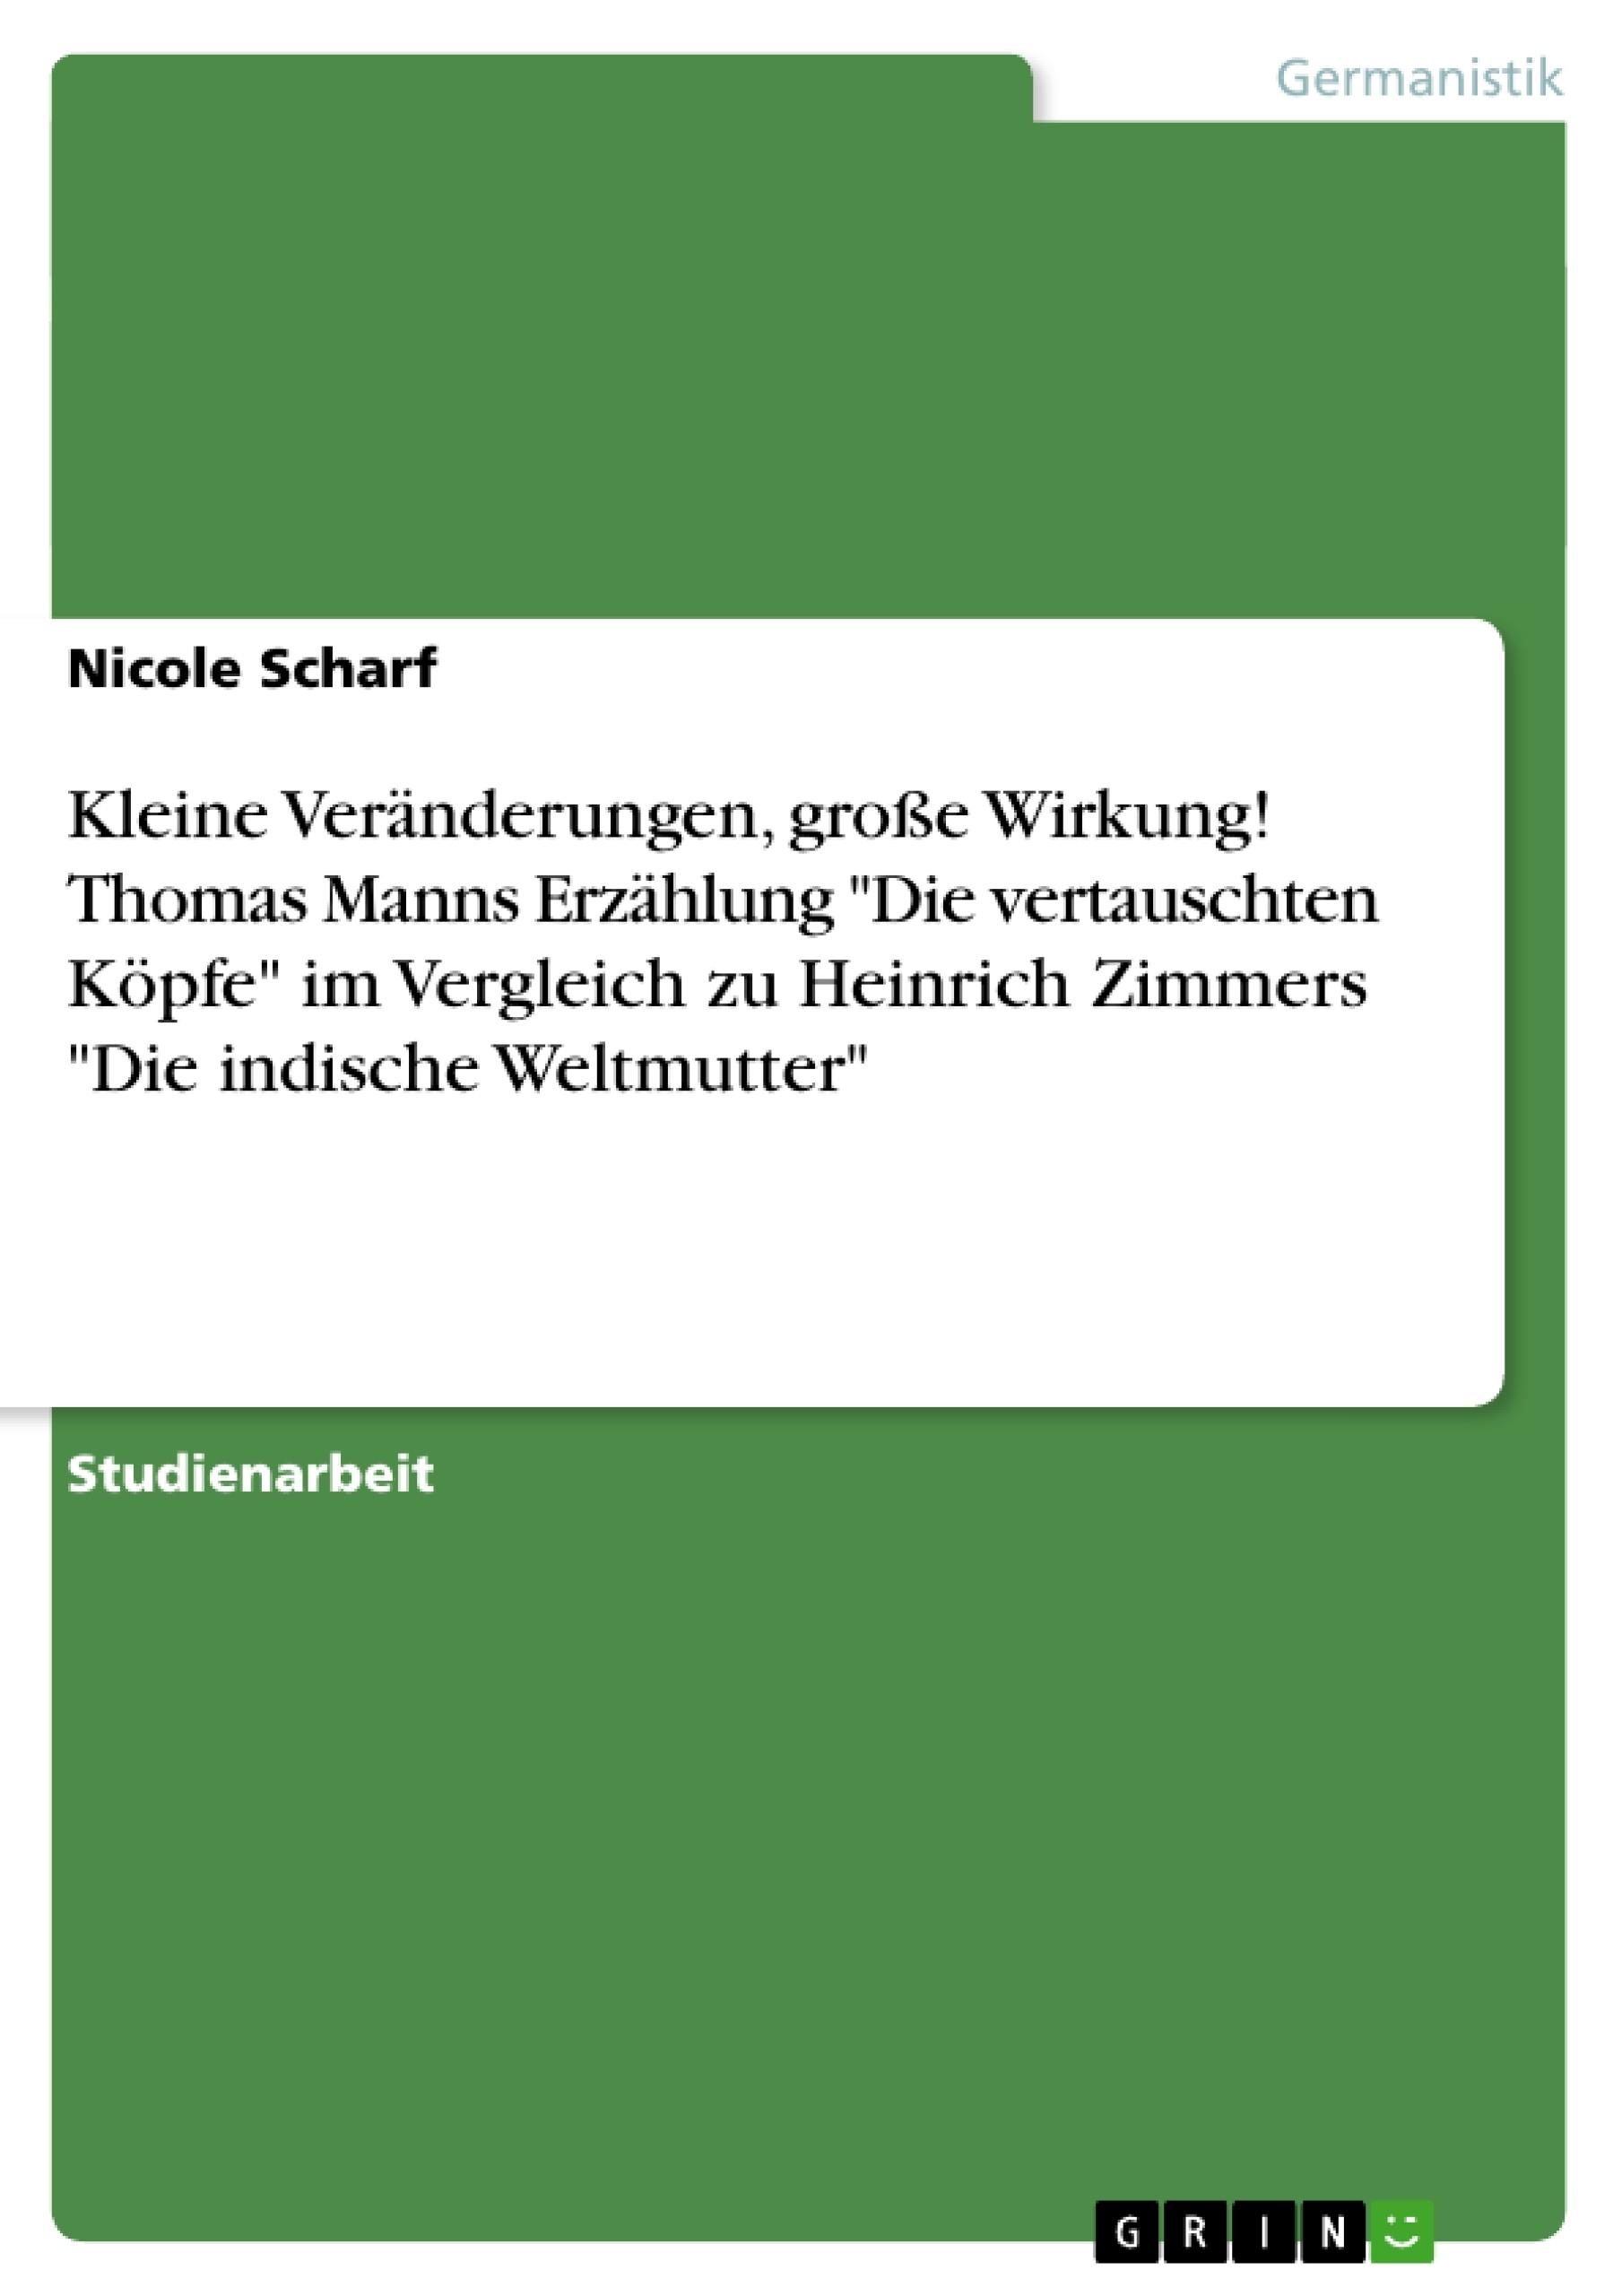 """Titel: Kleine Veränderungen, große Wirkung! Thomas Manns Erzählung """"Die vertauschten Köpfe"""" im Vergleich zu Heinrich Zimmers """"Die indische Weltmutter"""""""